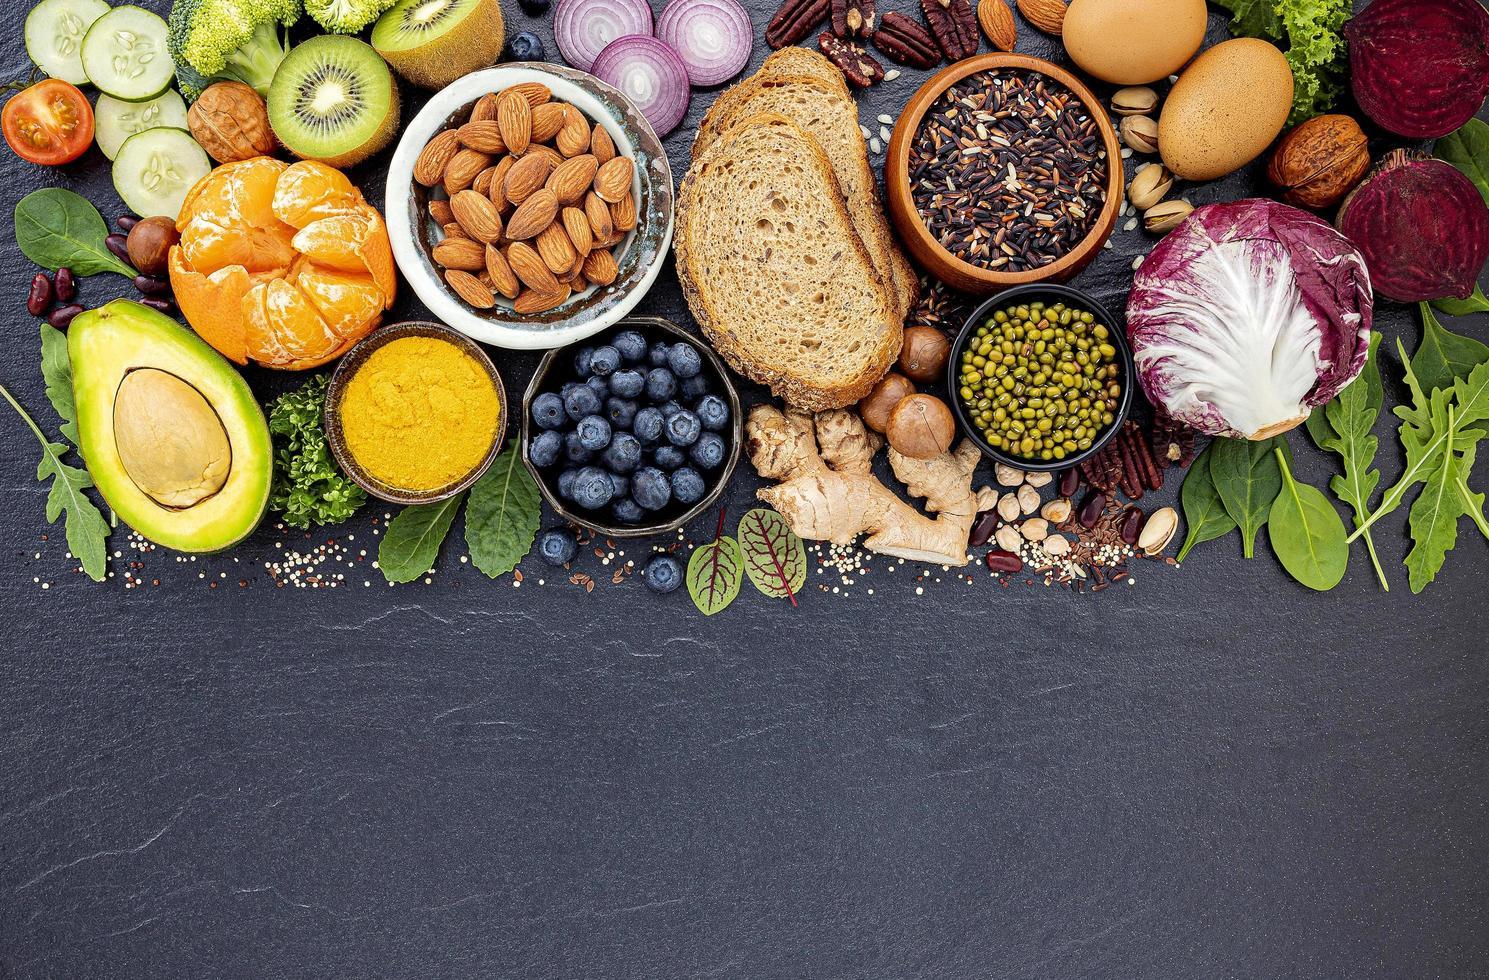 Auswahl gesunder Lebensmittel auf dunklem Schiefer foto